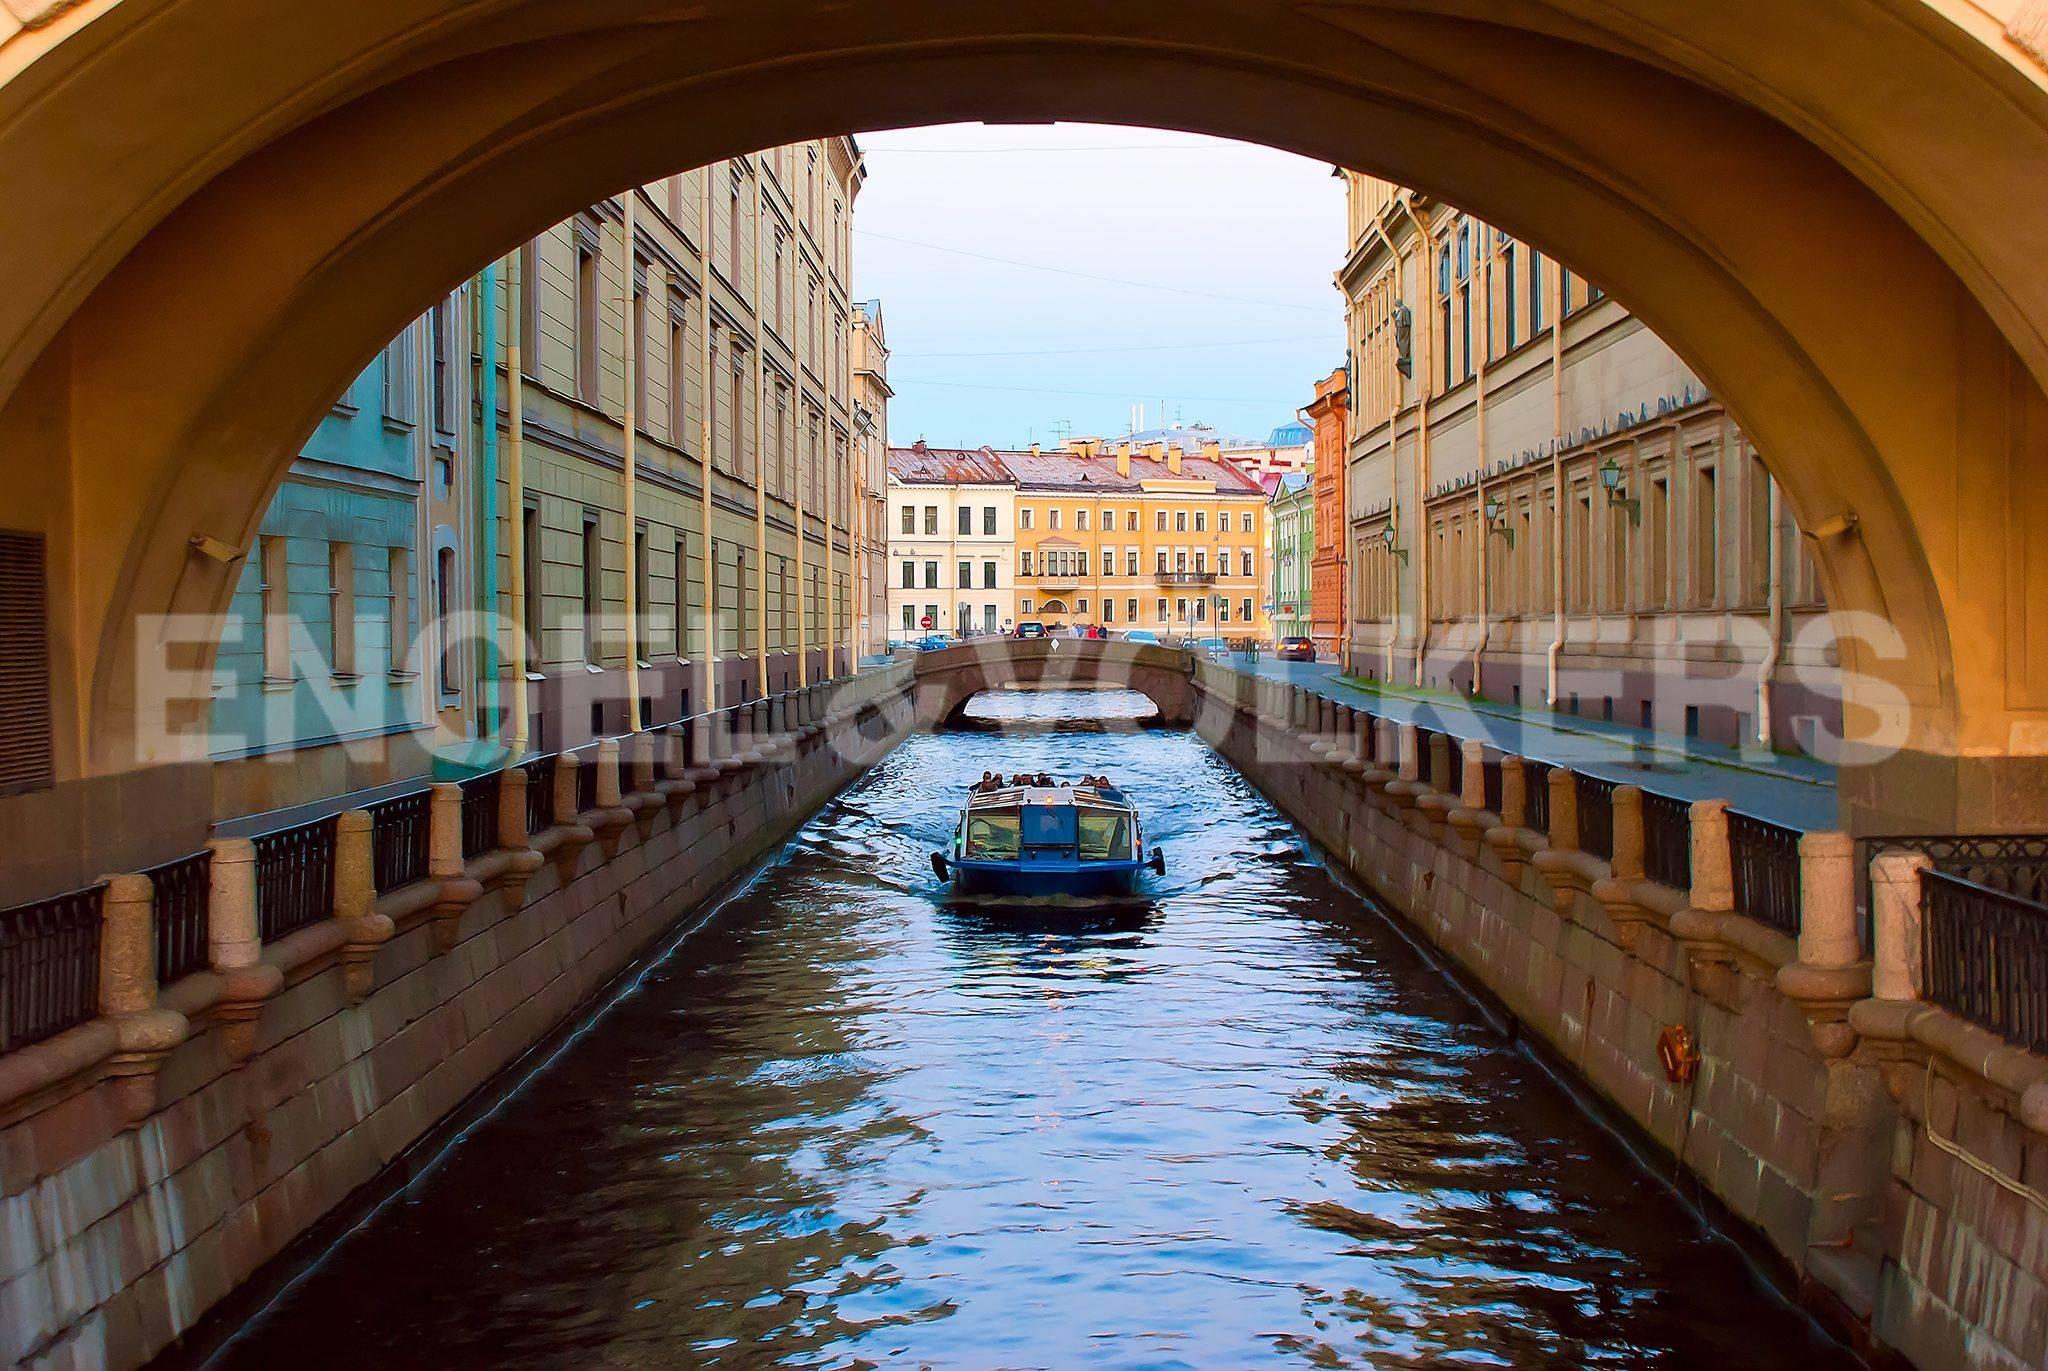 Элитные квартиры в Центральный р-н. Санкт-Петербург, Большая Морская, 4. Зимняя канавка